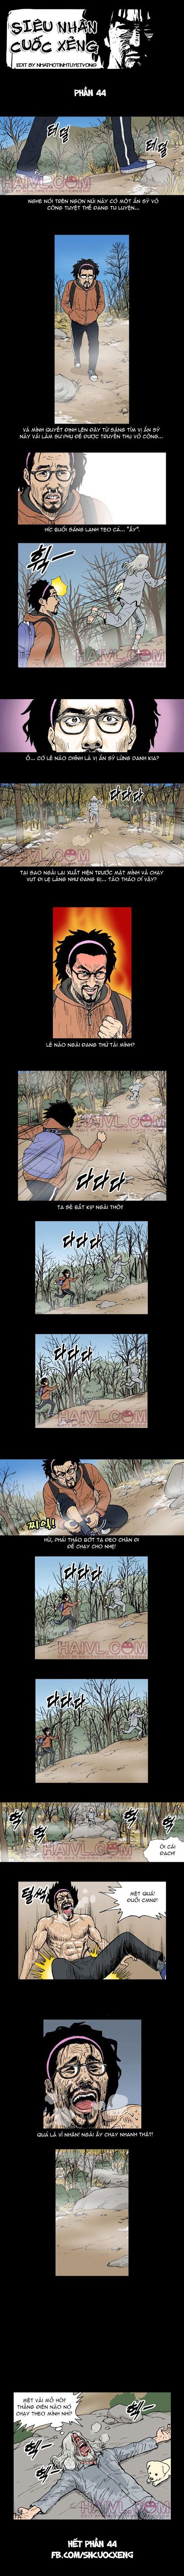 Siêu nhân Cuốc Xẻng (full bộ) phần 44